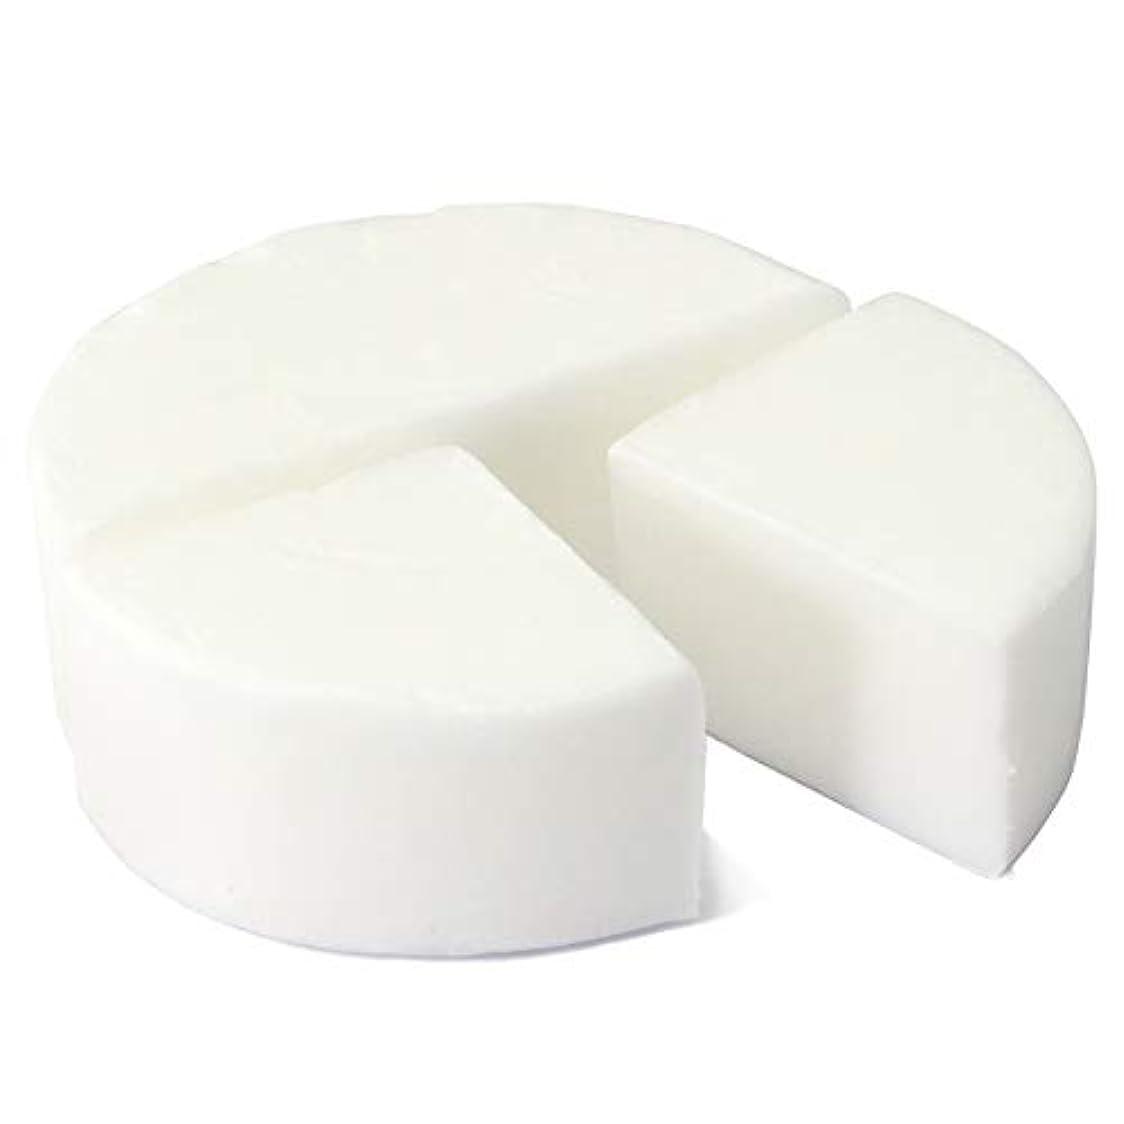 ノイズ乱すおいしいグリセリン クリアソープ (MPソープ) 色チップ 白 100g